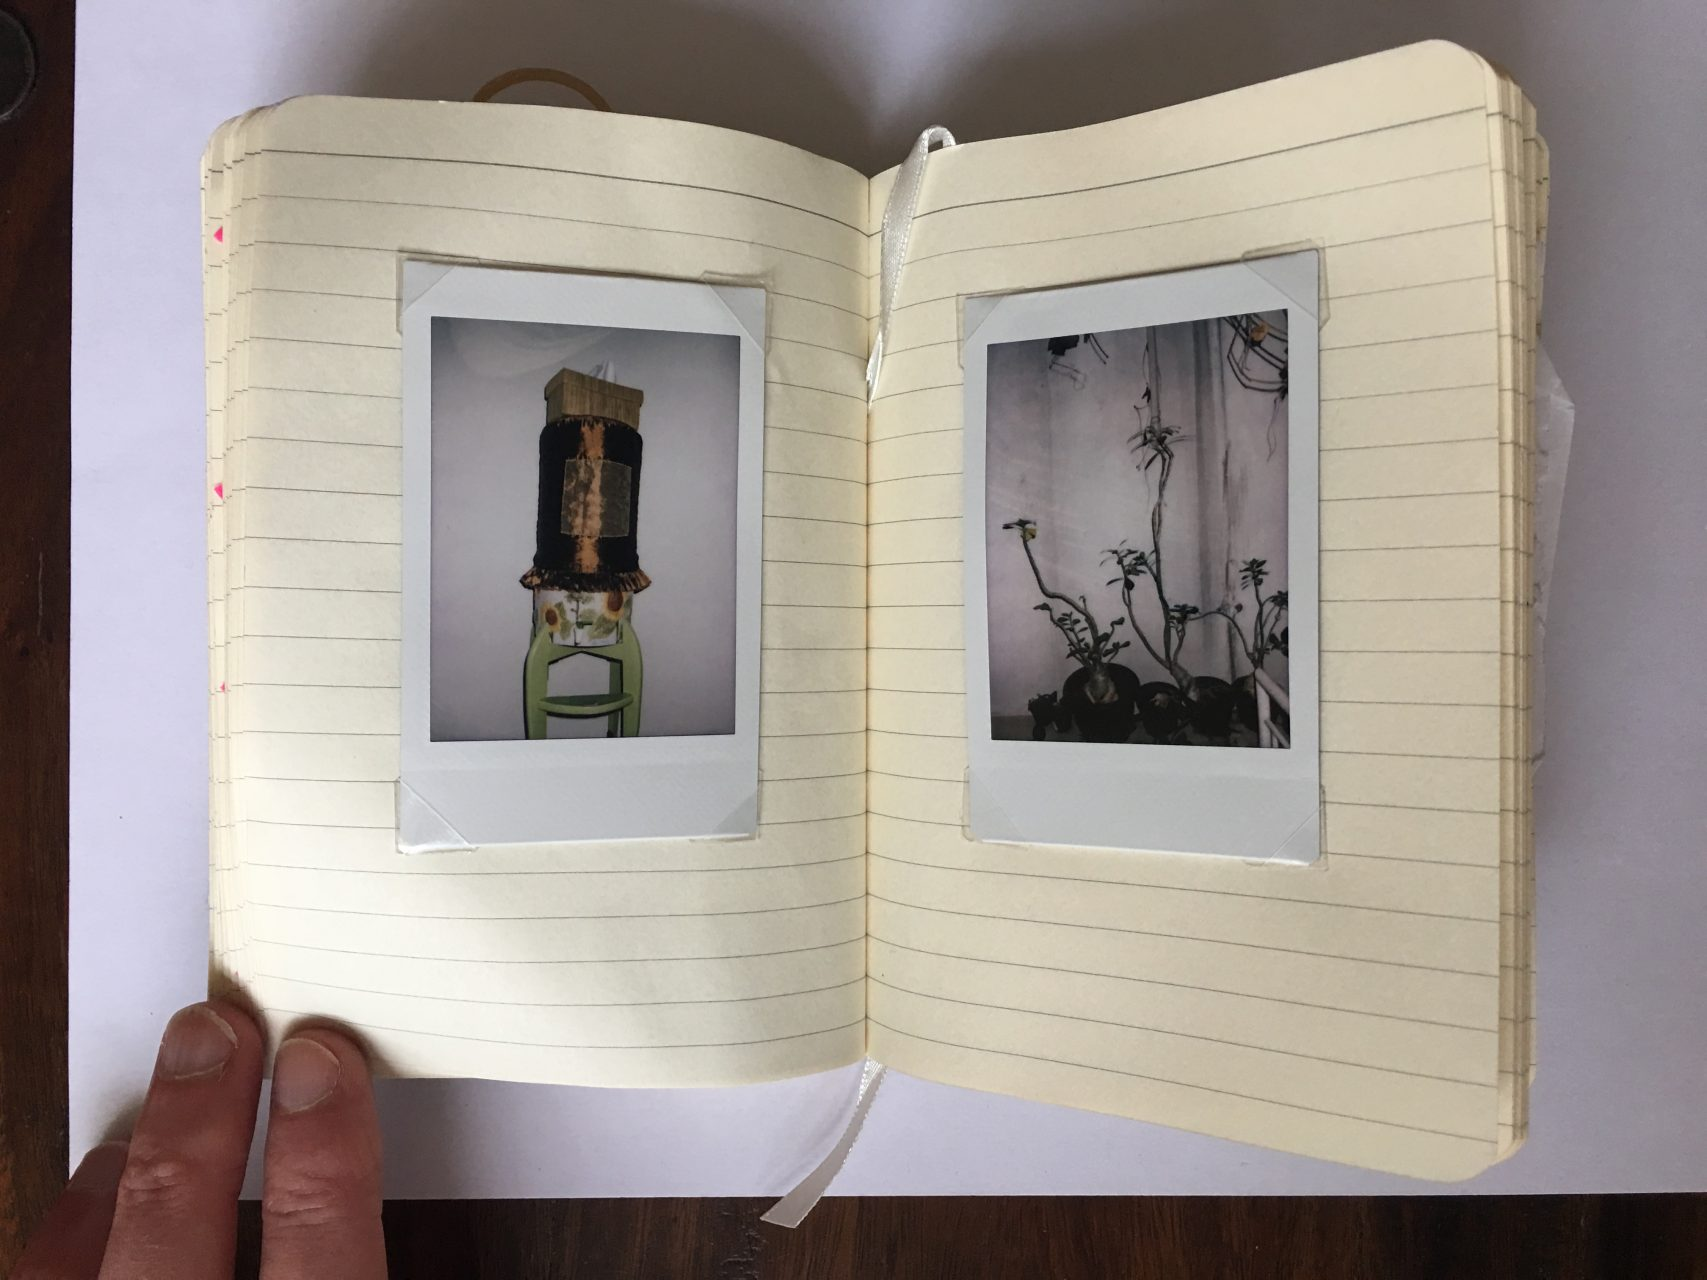 foto-04-11-16-14-21-04